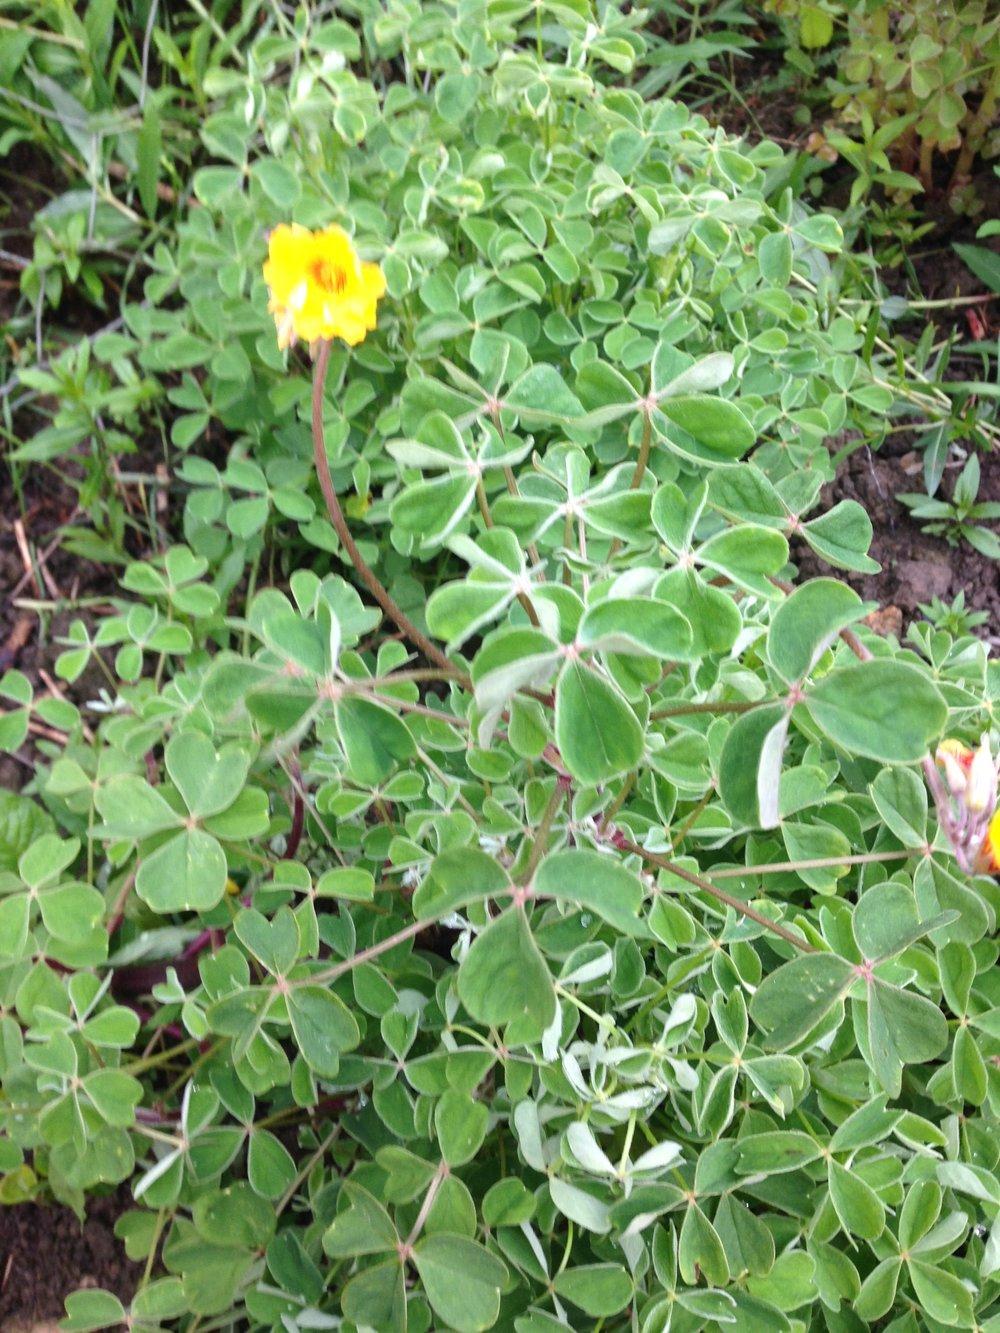 Oca - a perennial tuber grown by PJ taste